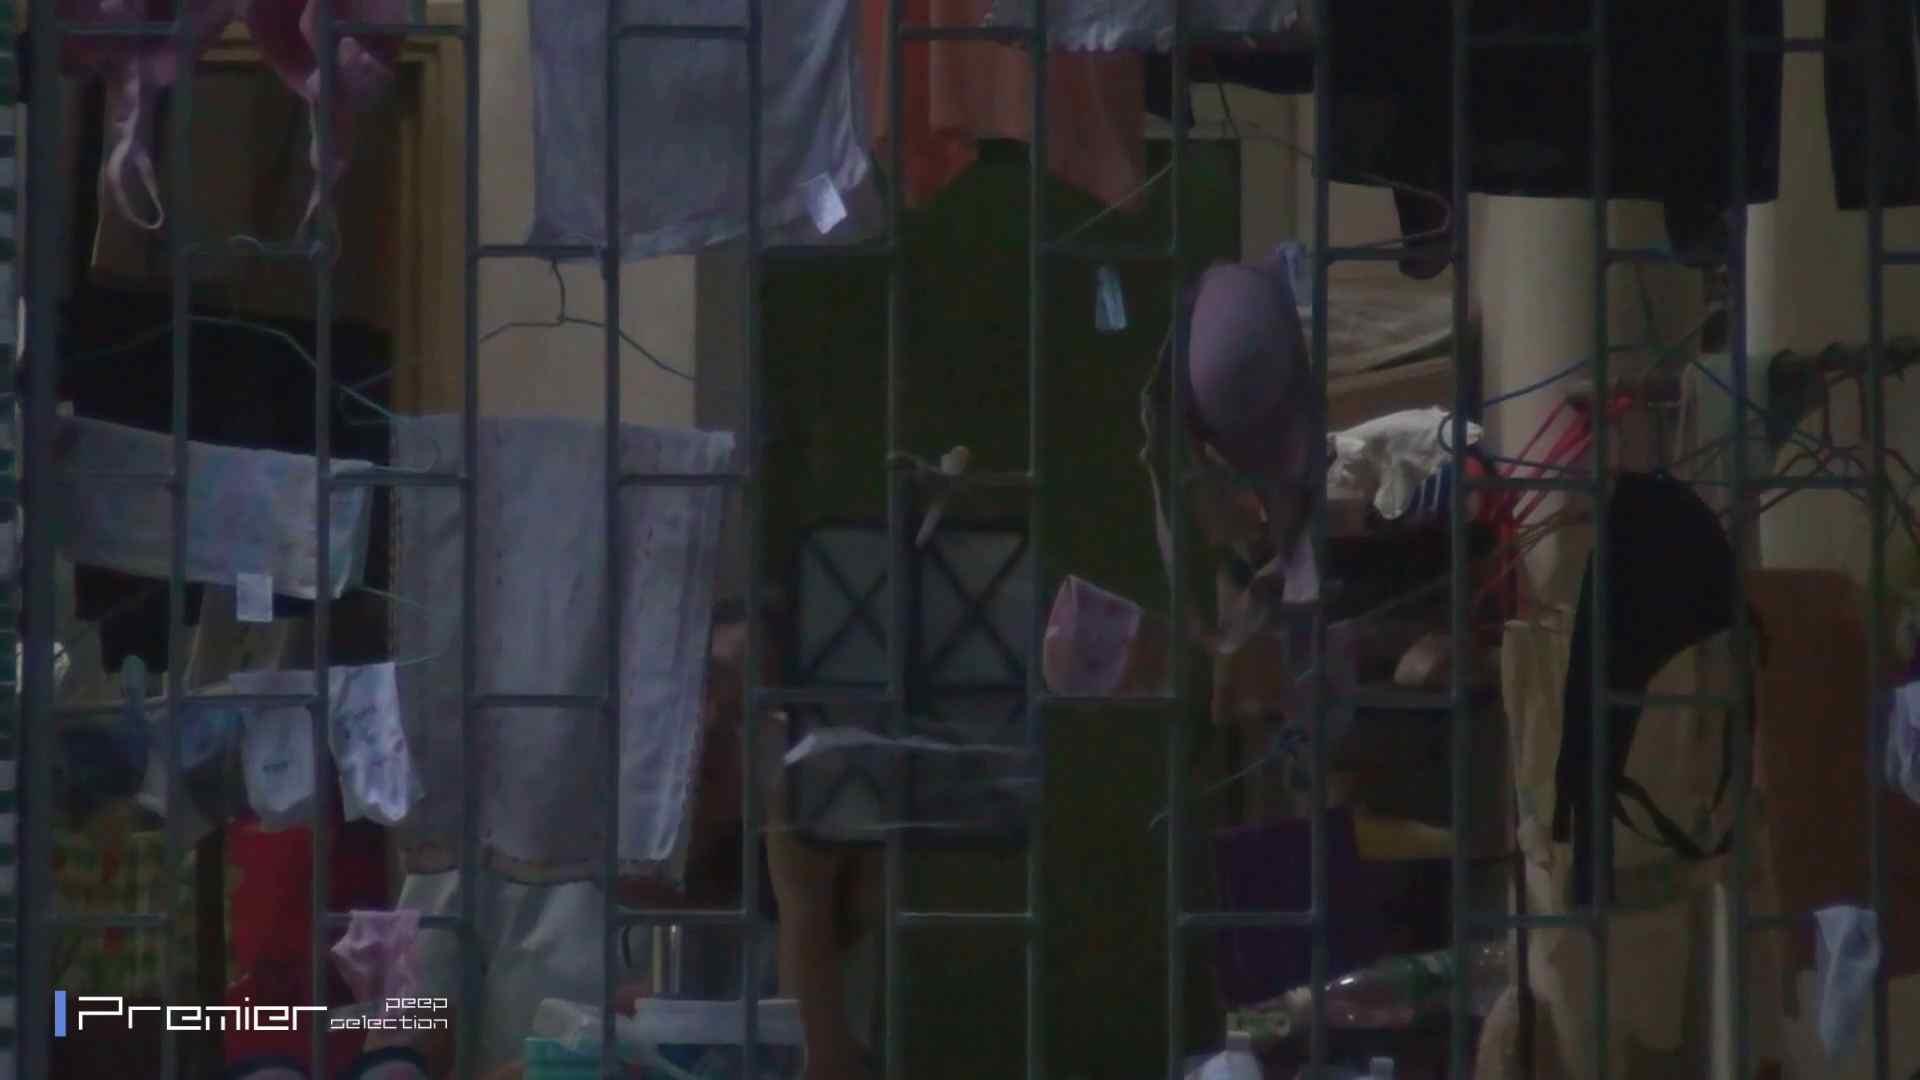 無修正エロ動画:激撮り美女の洗顔シーン Vol.05 美女の痴態に密着!:怪盗ジョーカー